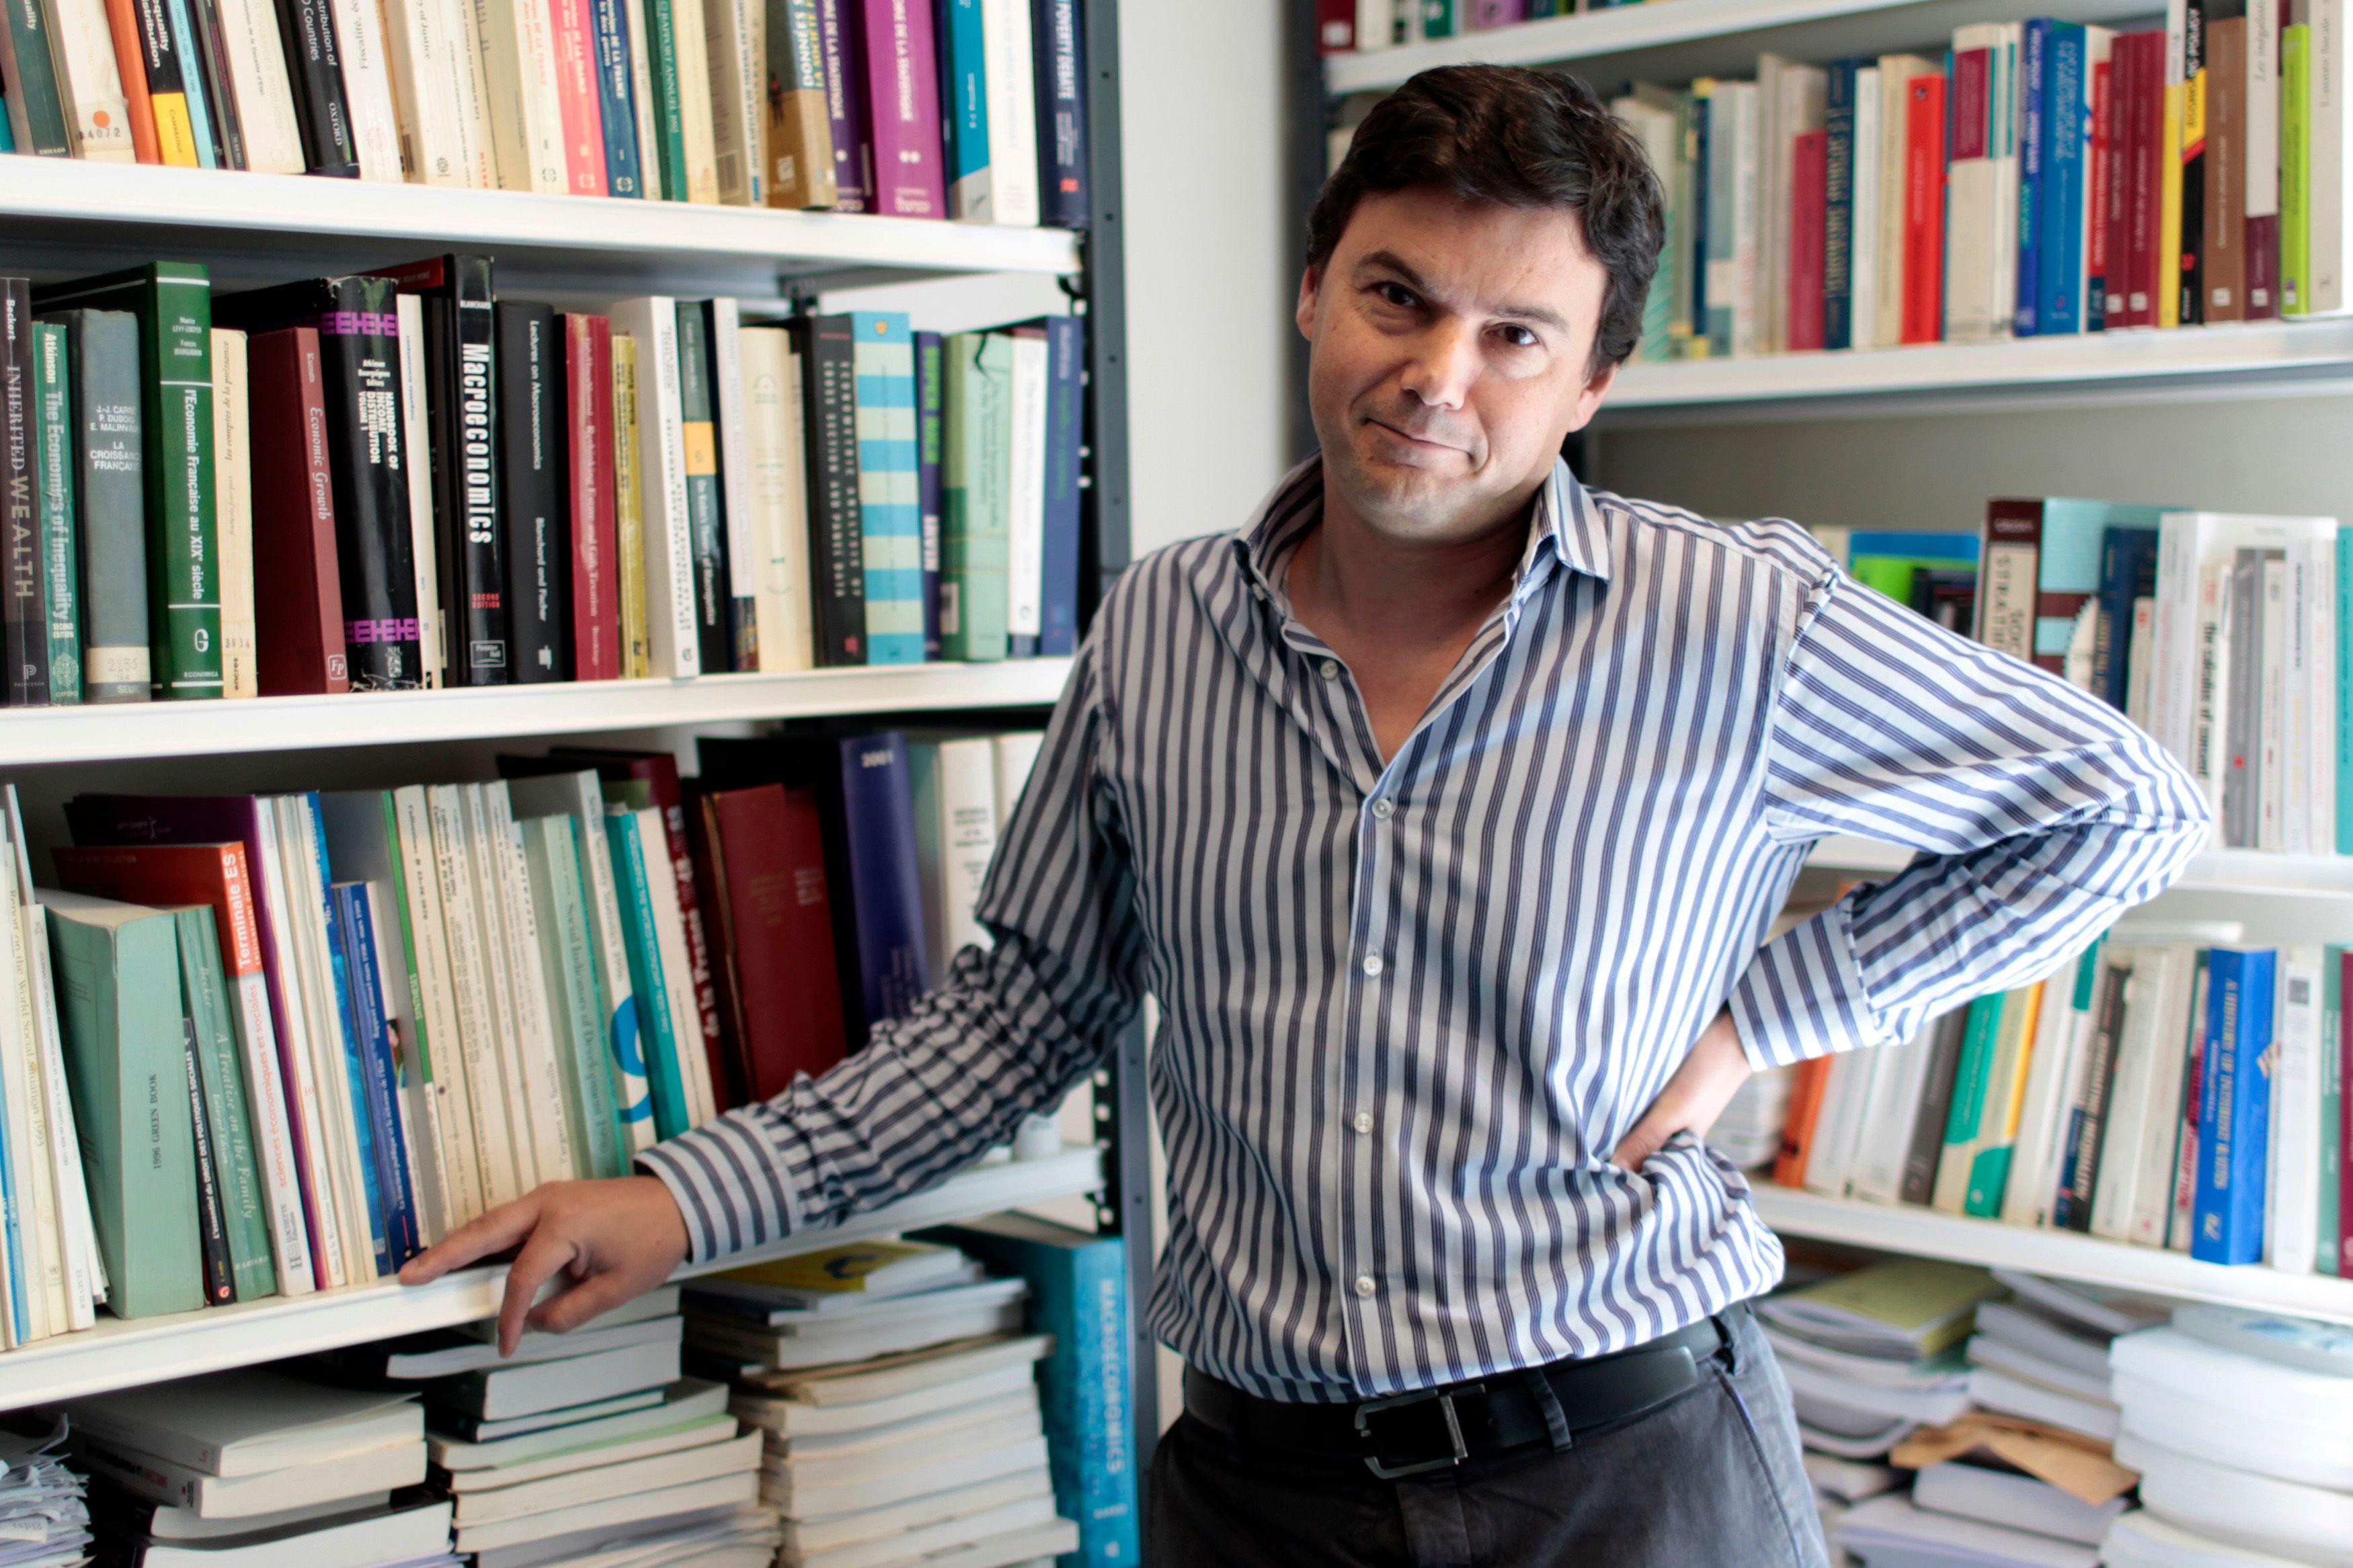 """Le livre de l'économiste français Thomas Piketty, proche du camp socialiste, """"Le Capital au XXIe siècle"""" rencontre un très fort échos aux Etats-Unis depuis sa sortie en mars."""